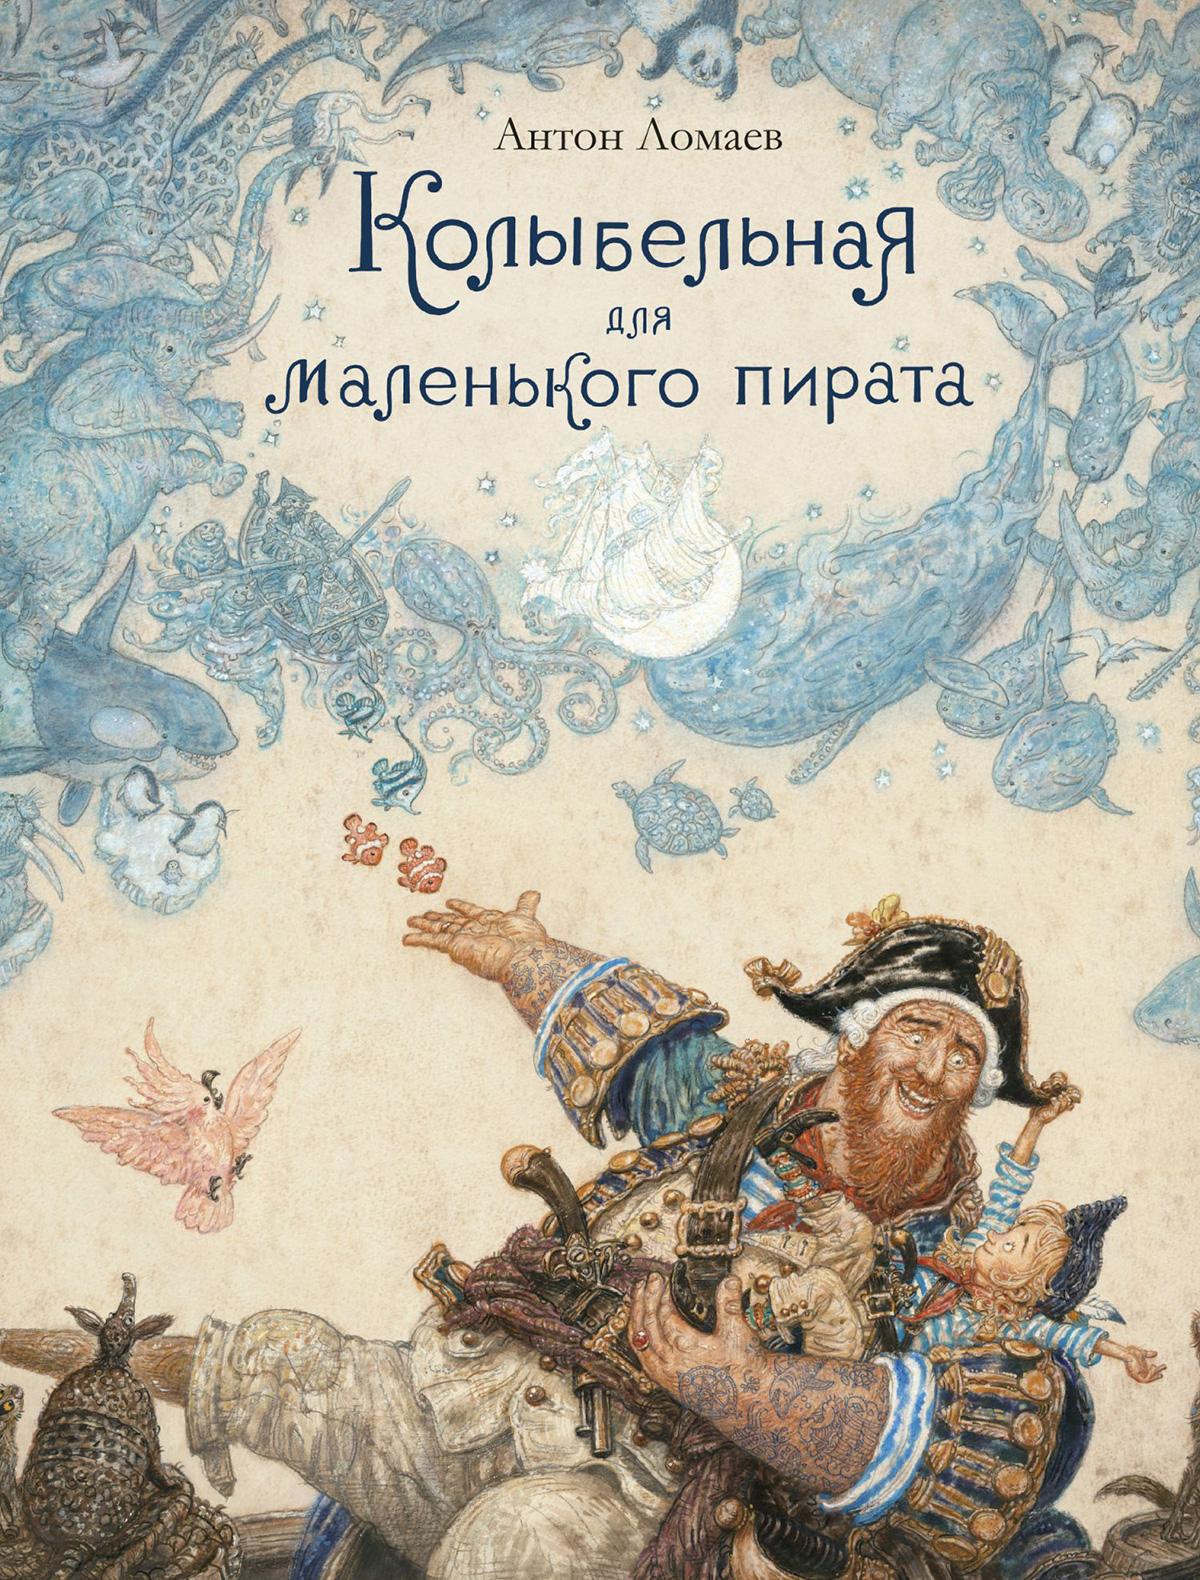 Купить 2049228, Книга ИГ Азбука-Аттикус, 9001529980492